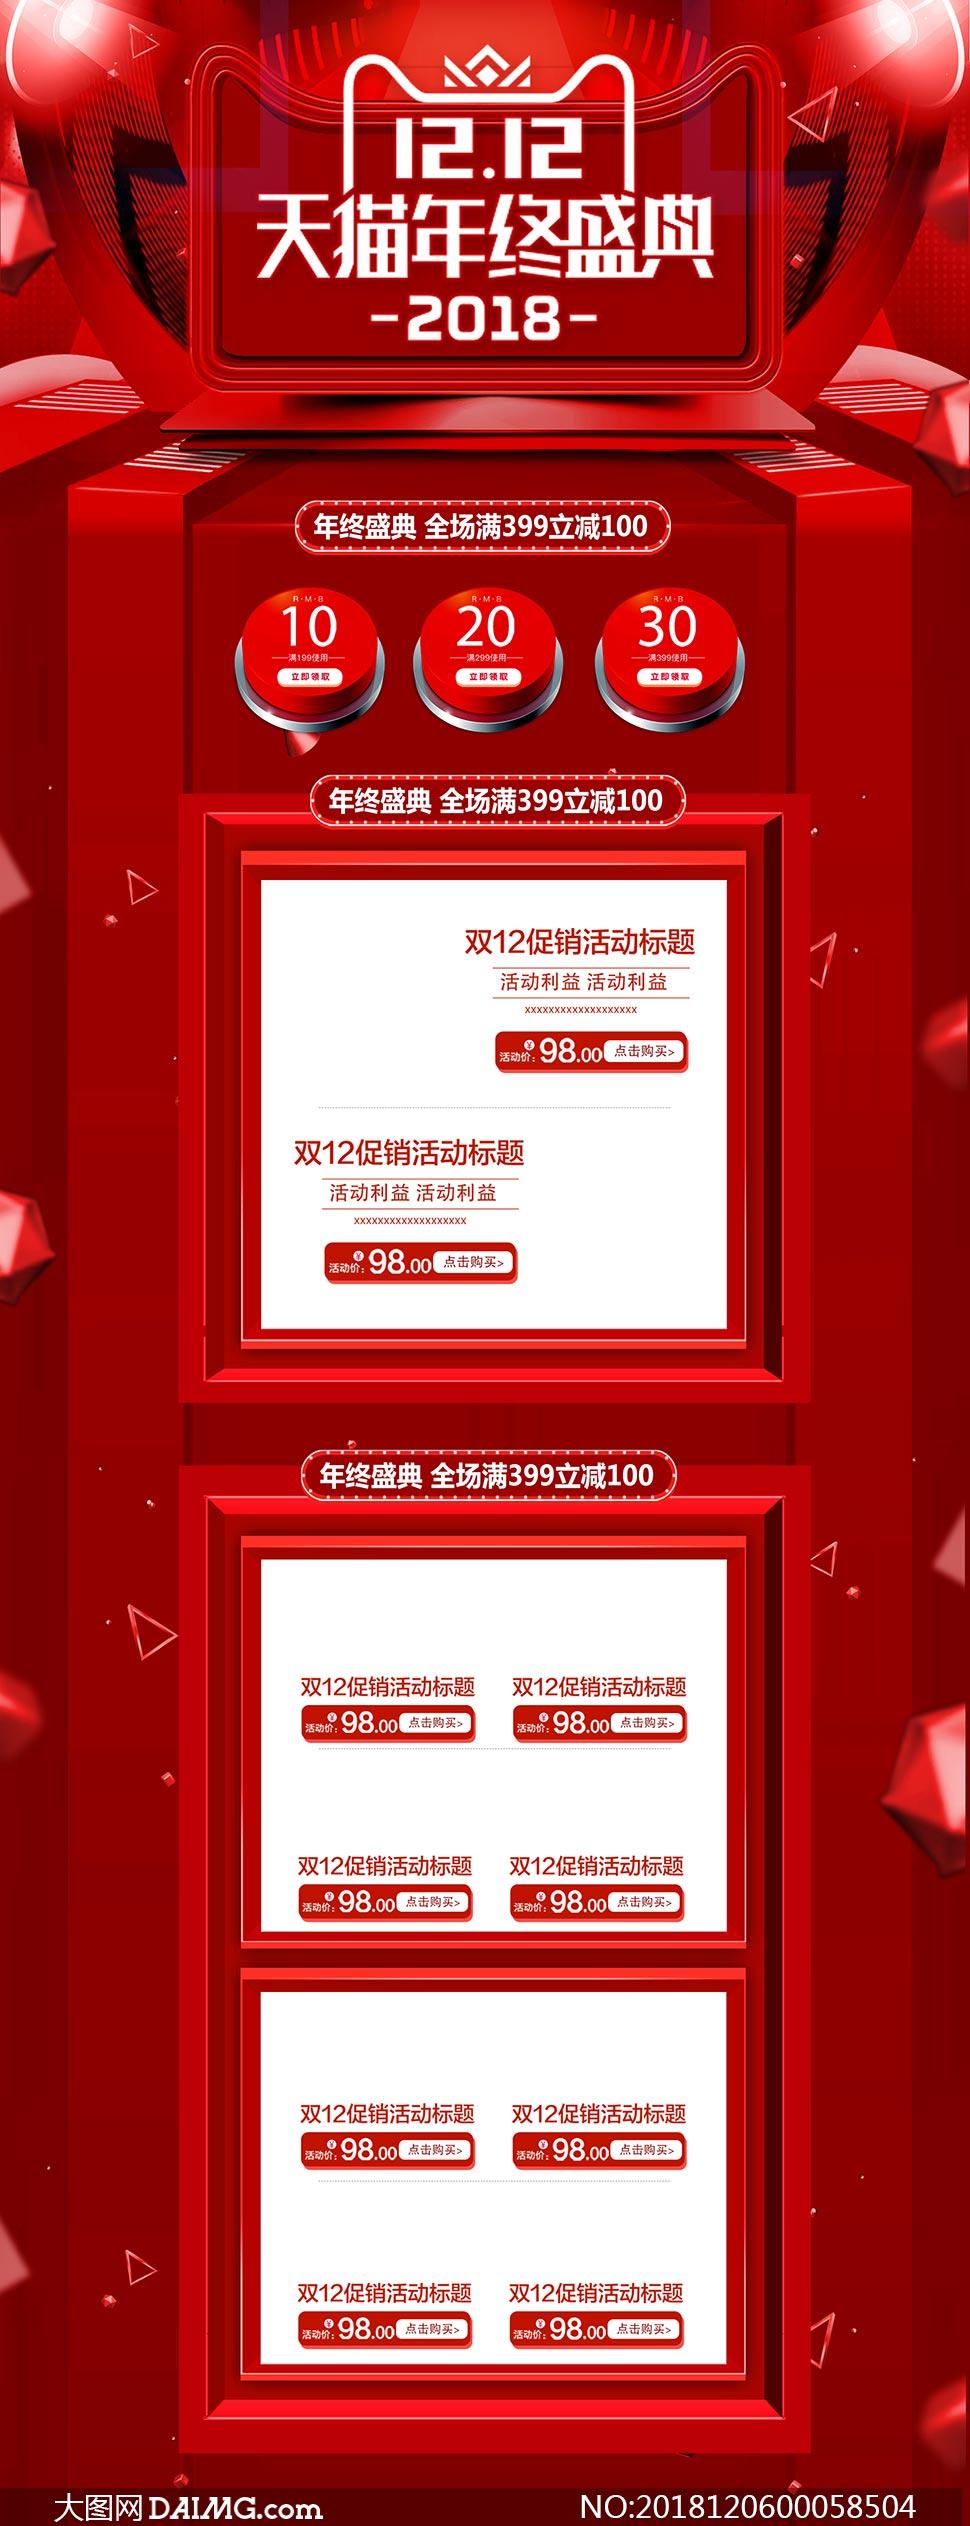 五百万彩票淘宝双12红色主题首页设计PSD模板